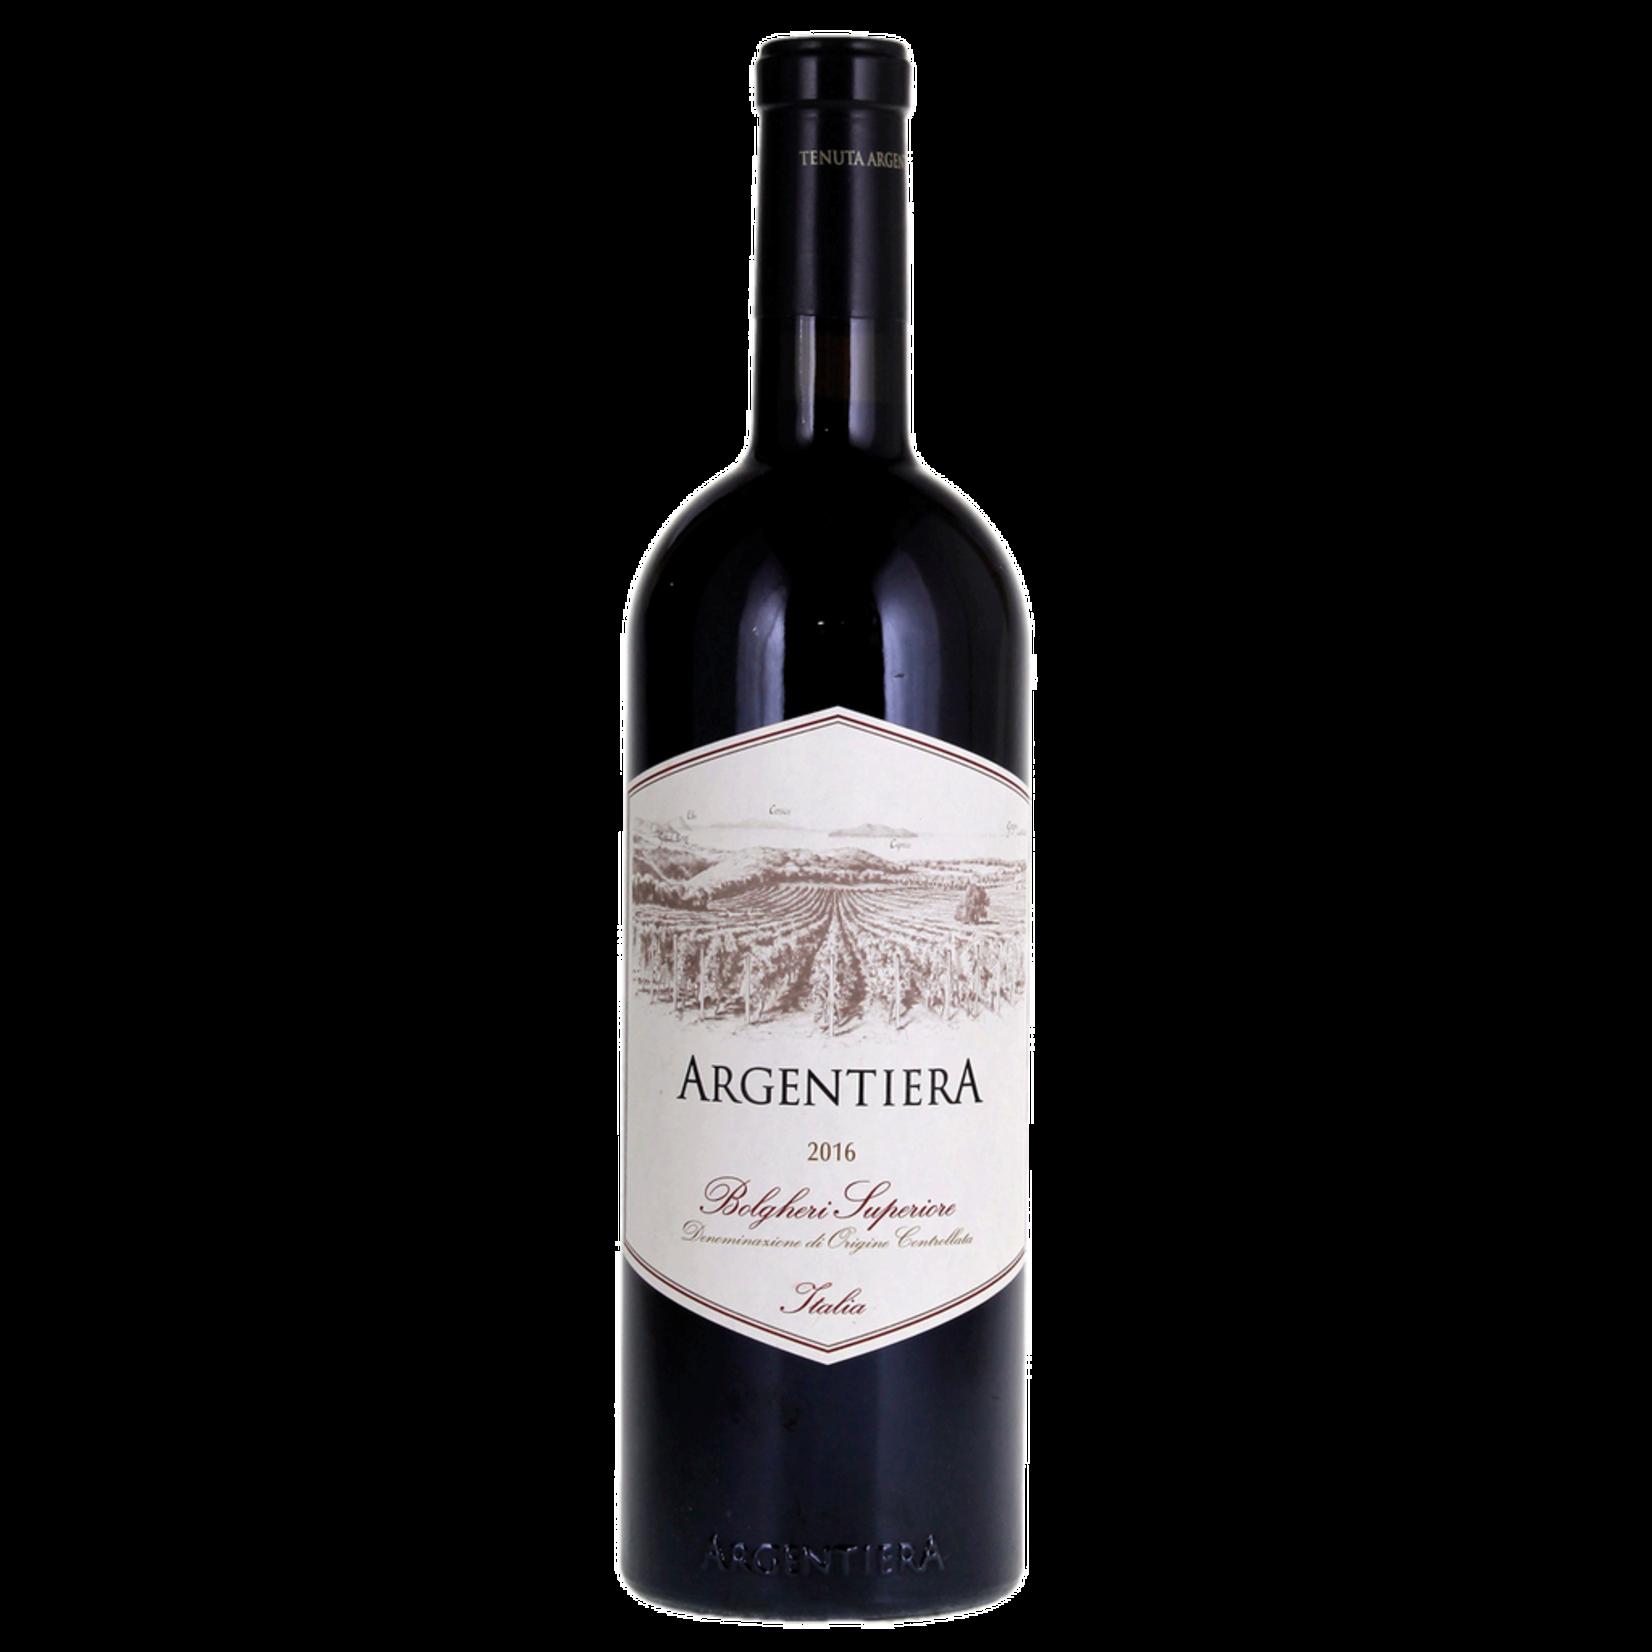 Wine Tenuta Argentiera Bolgheri Superiore 2016